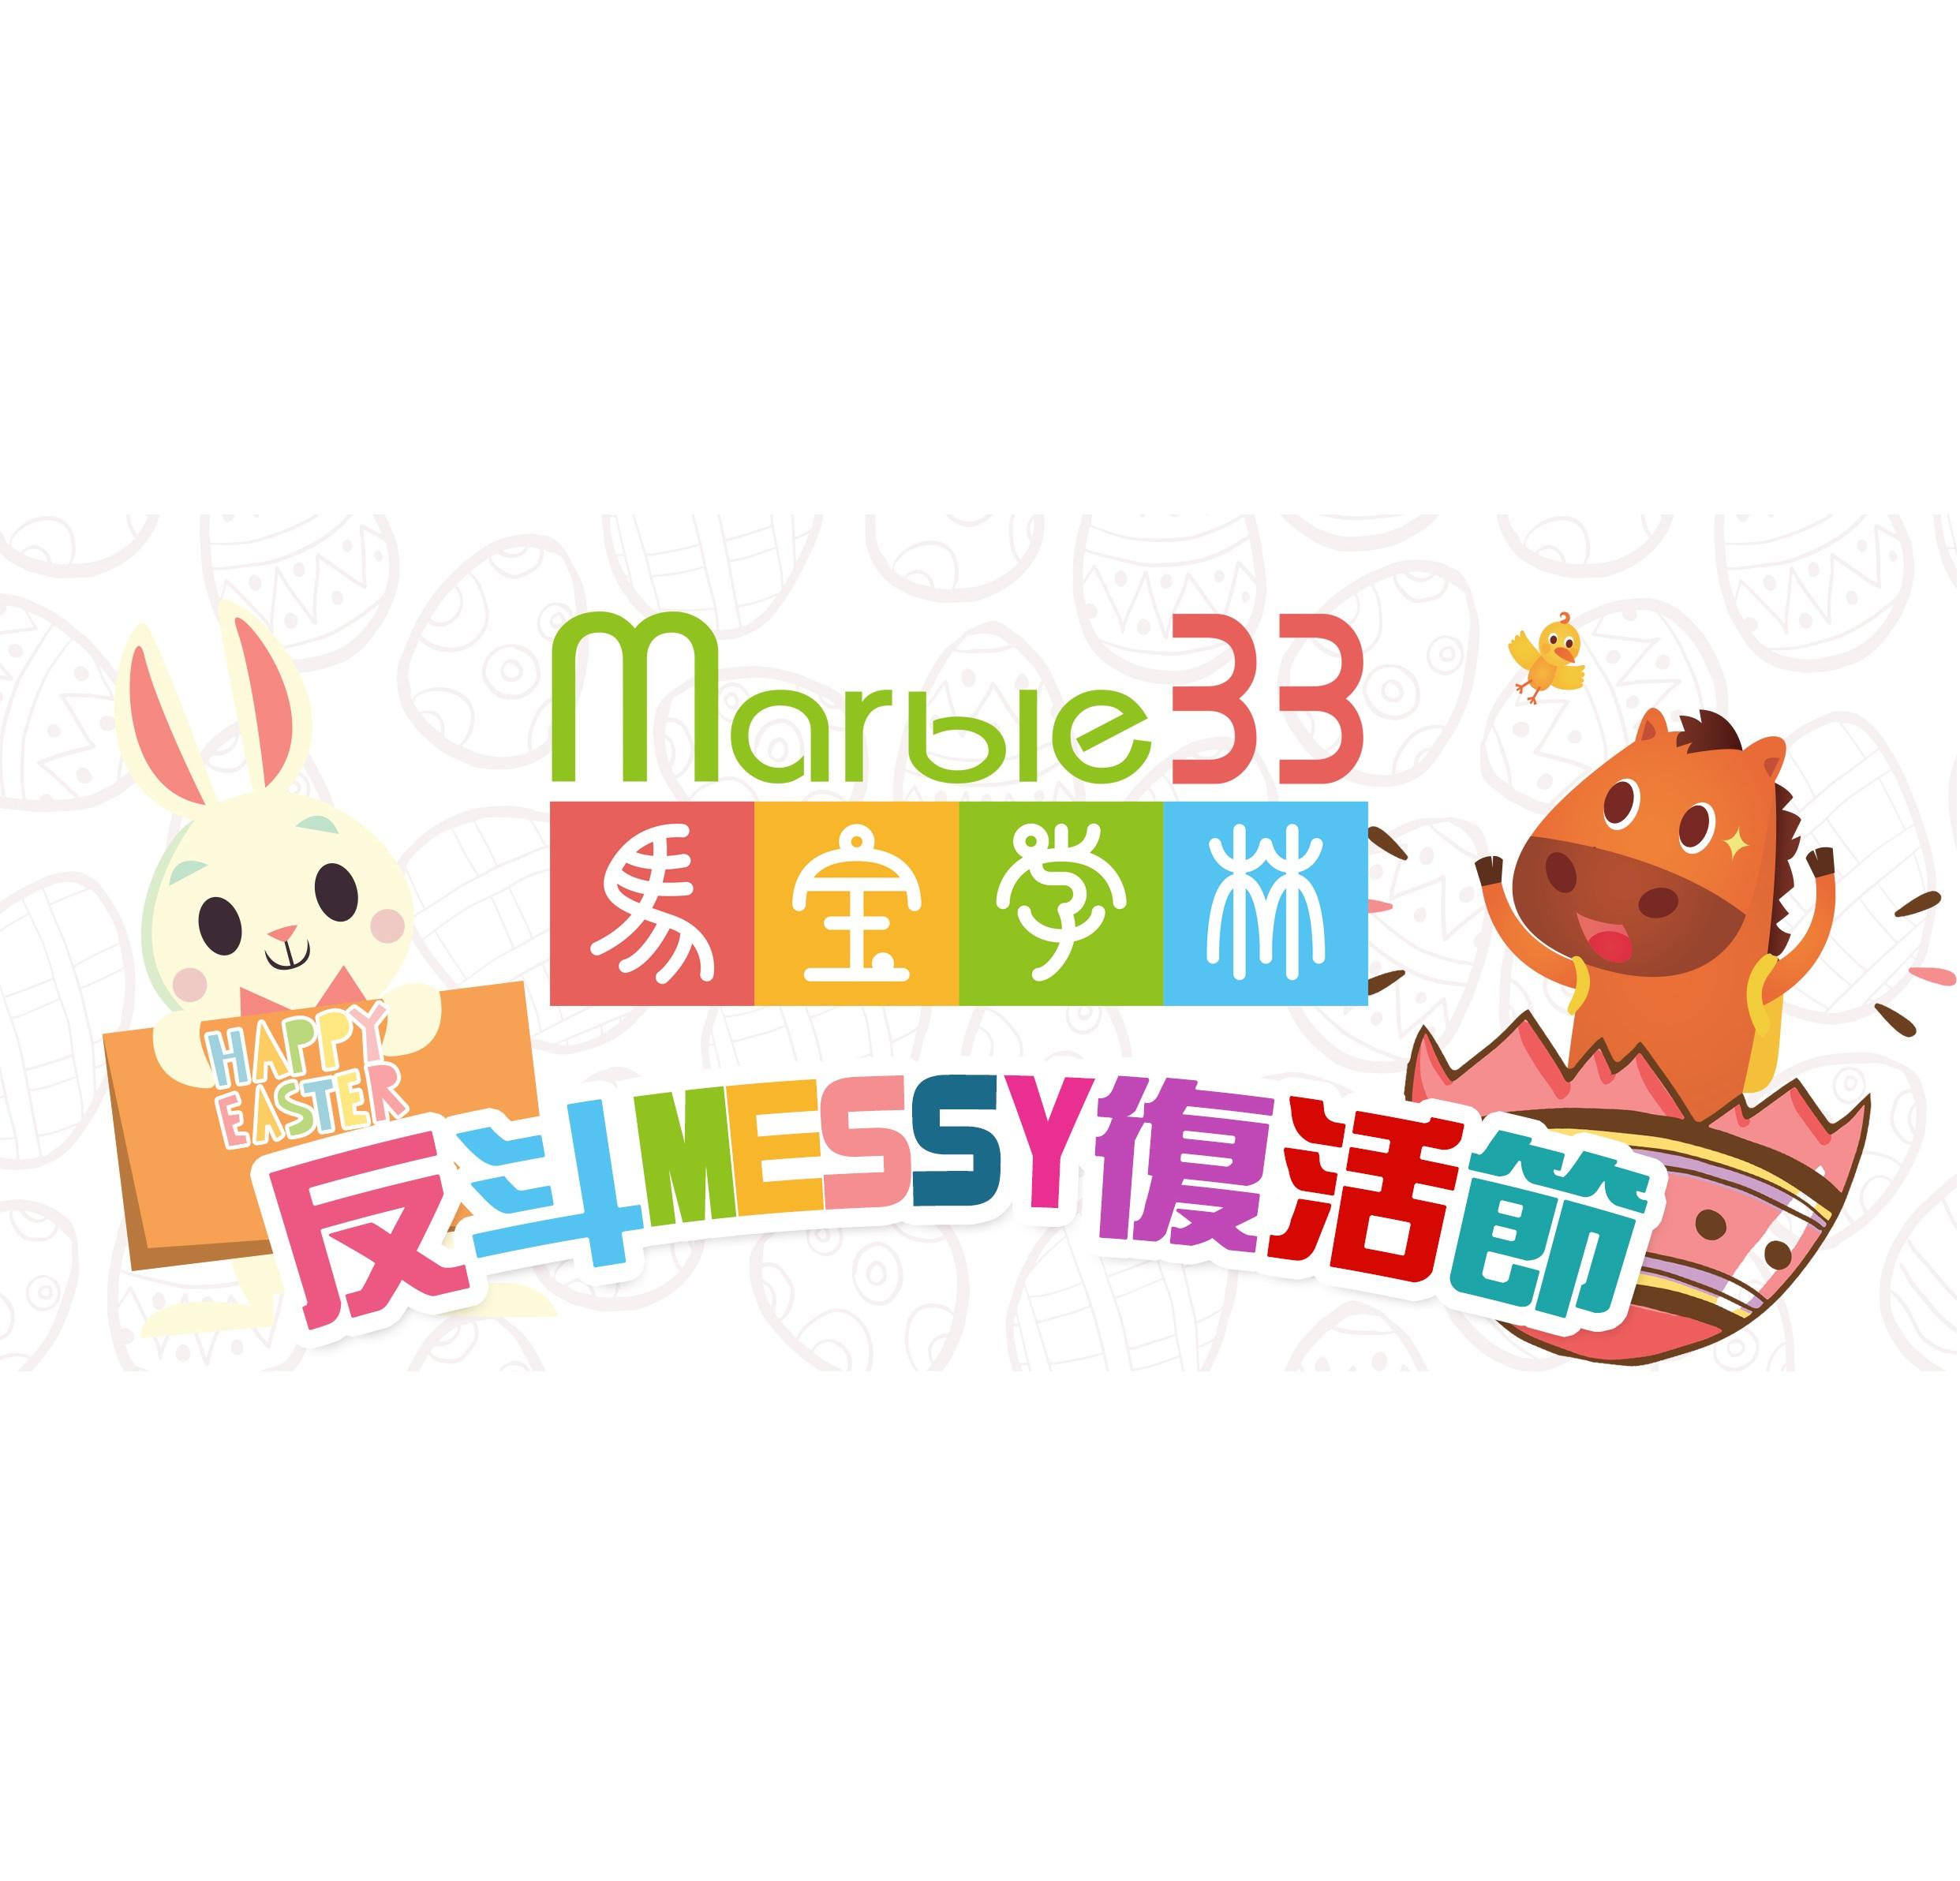 2018 反斗 Messy 復活節